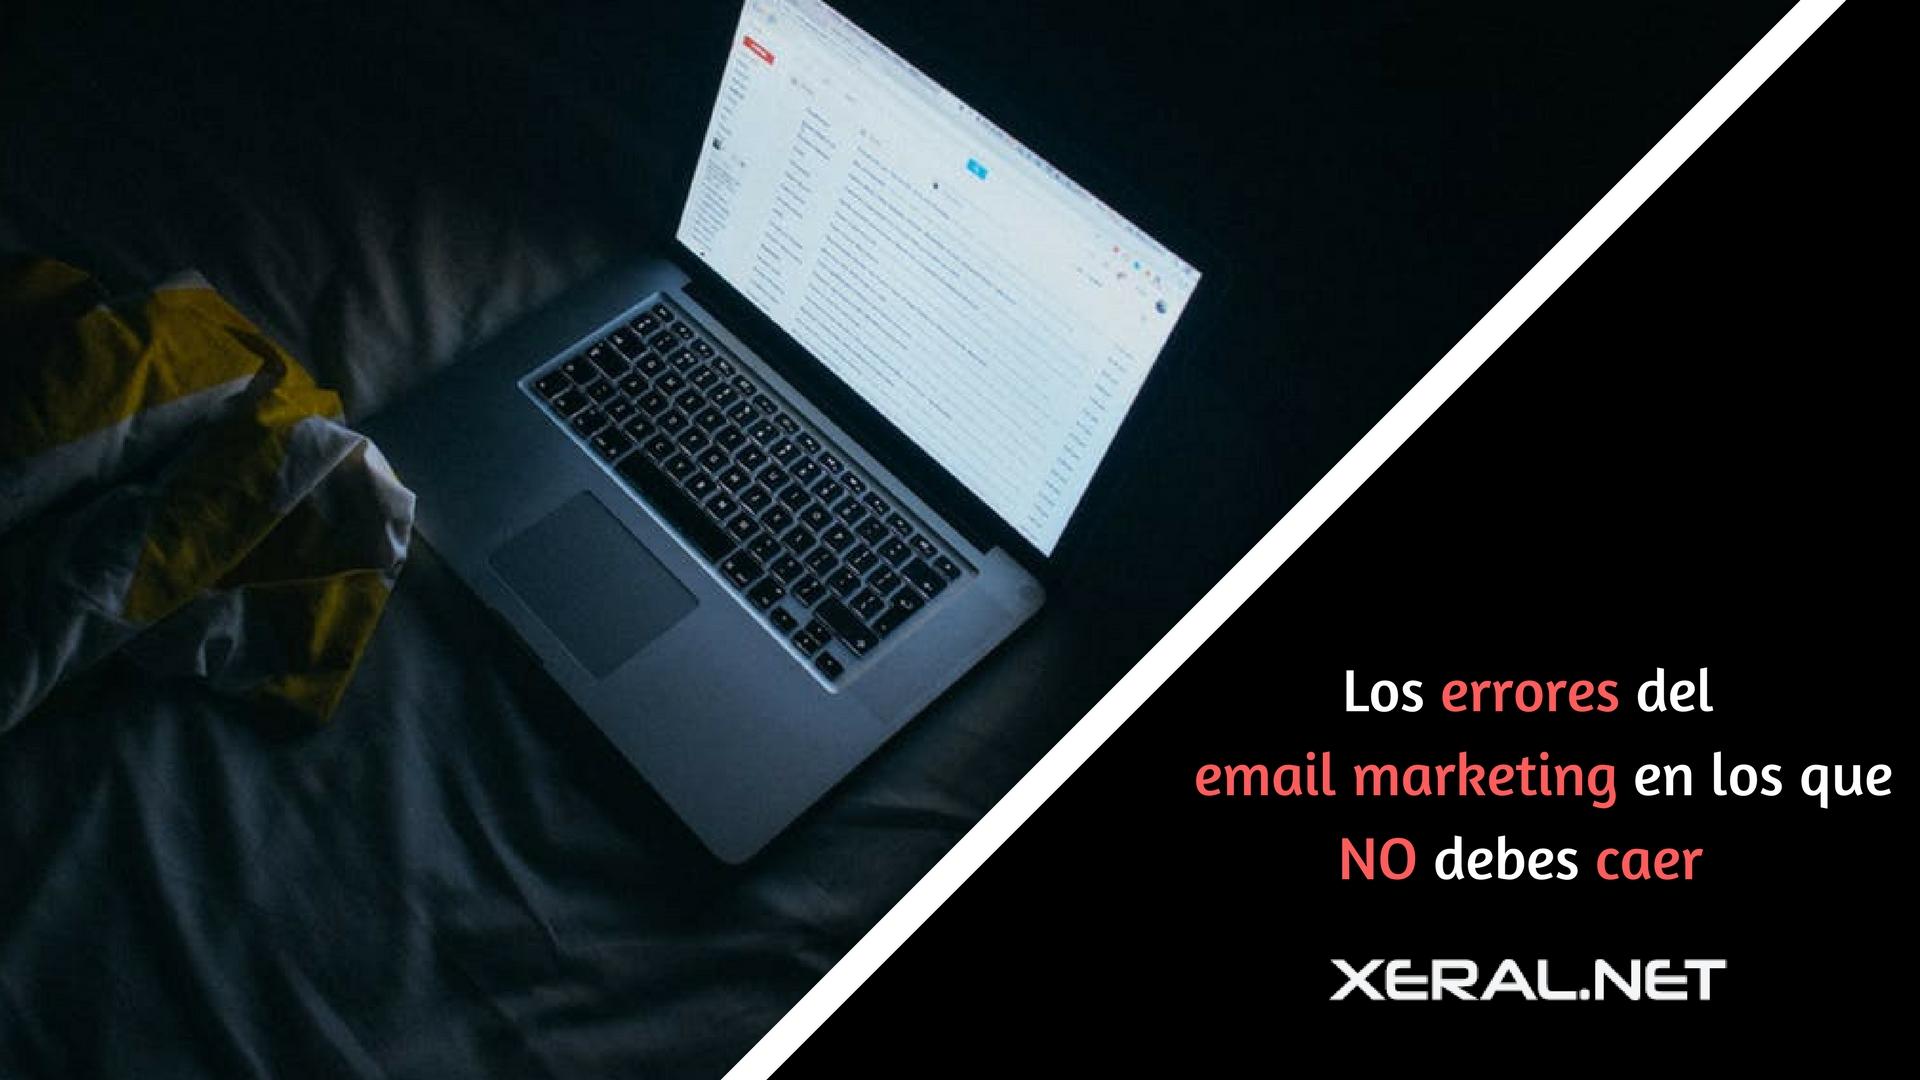 Los errores del email marketing en los que NO debes caer